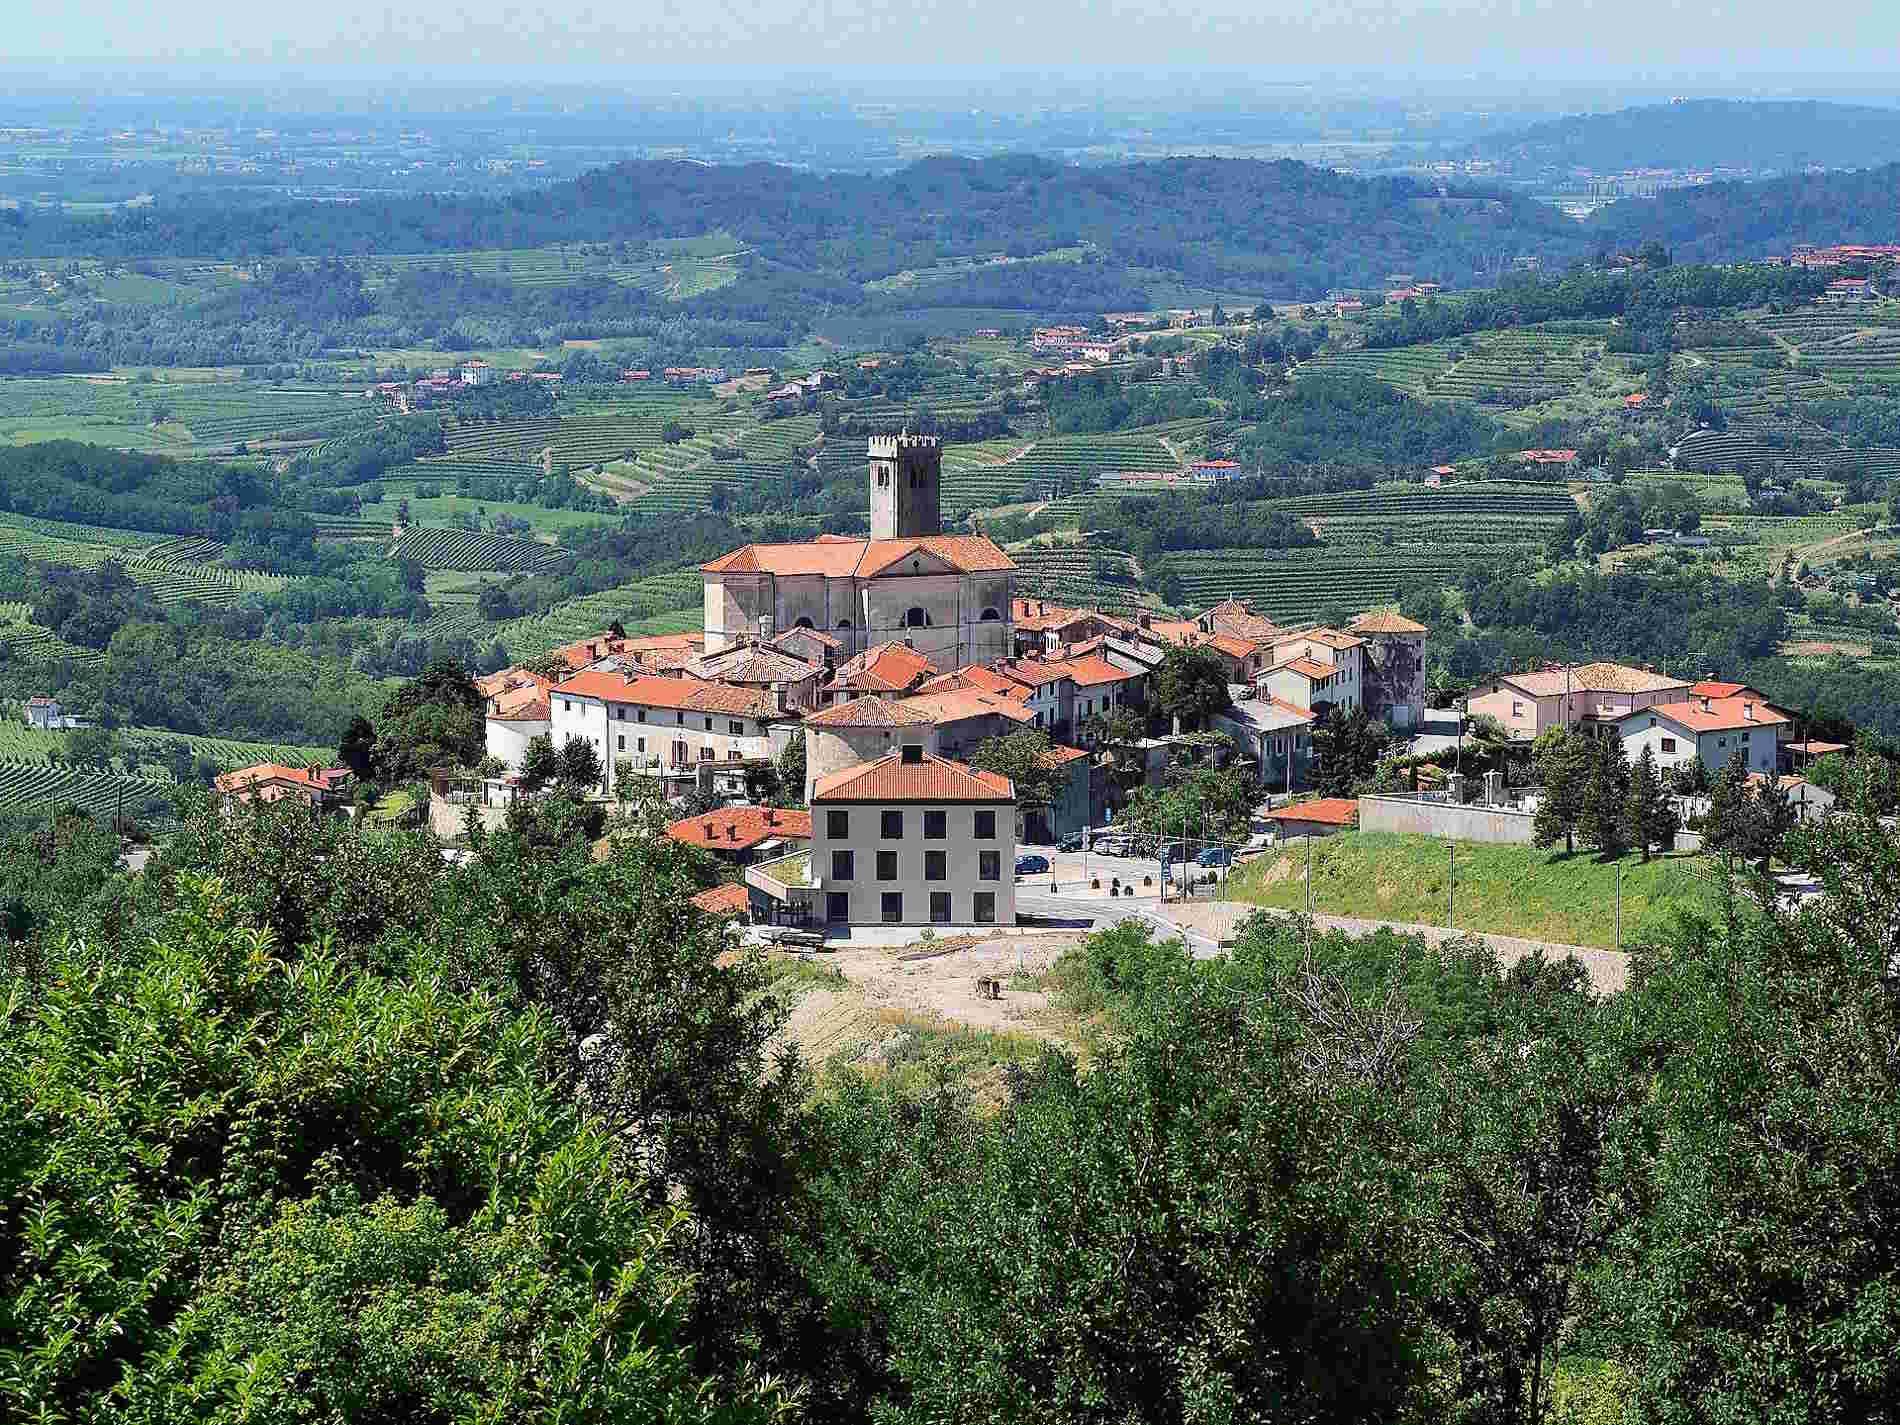 Cosa vedere in un itinerario di Viaggio Slovenia - Il Borgo di Smartno